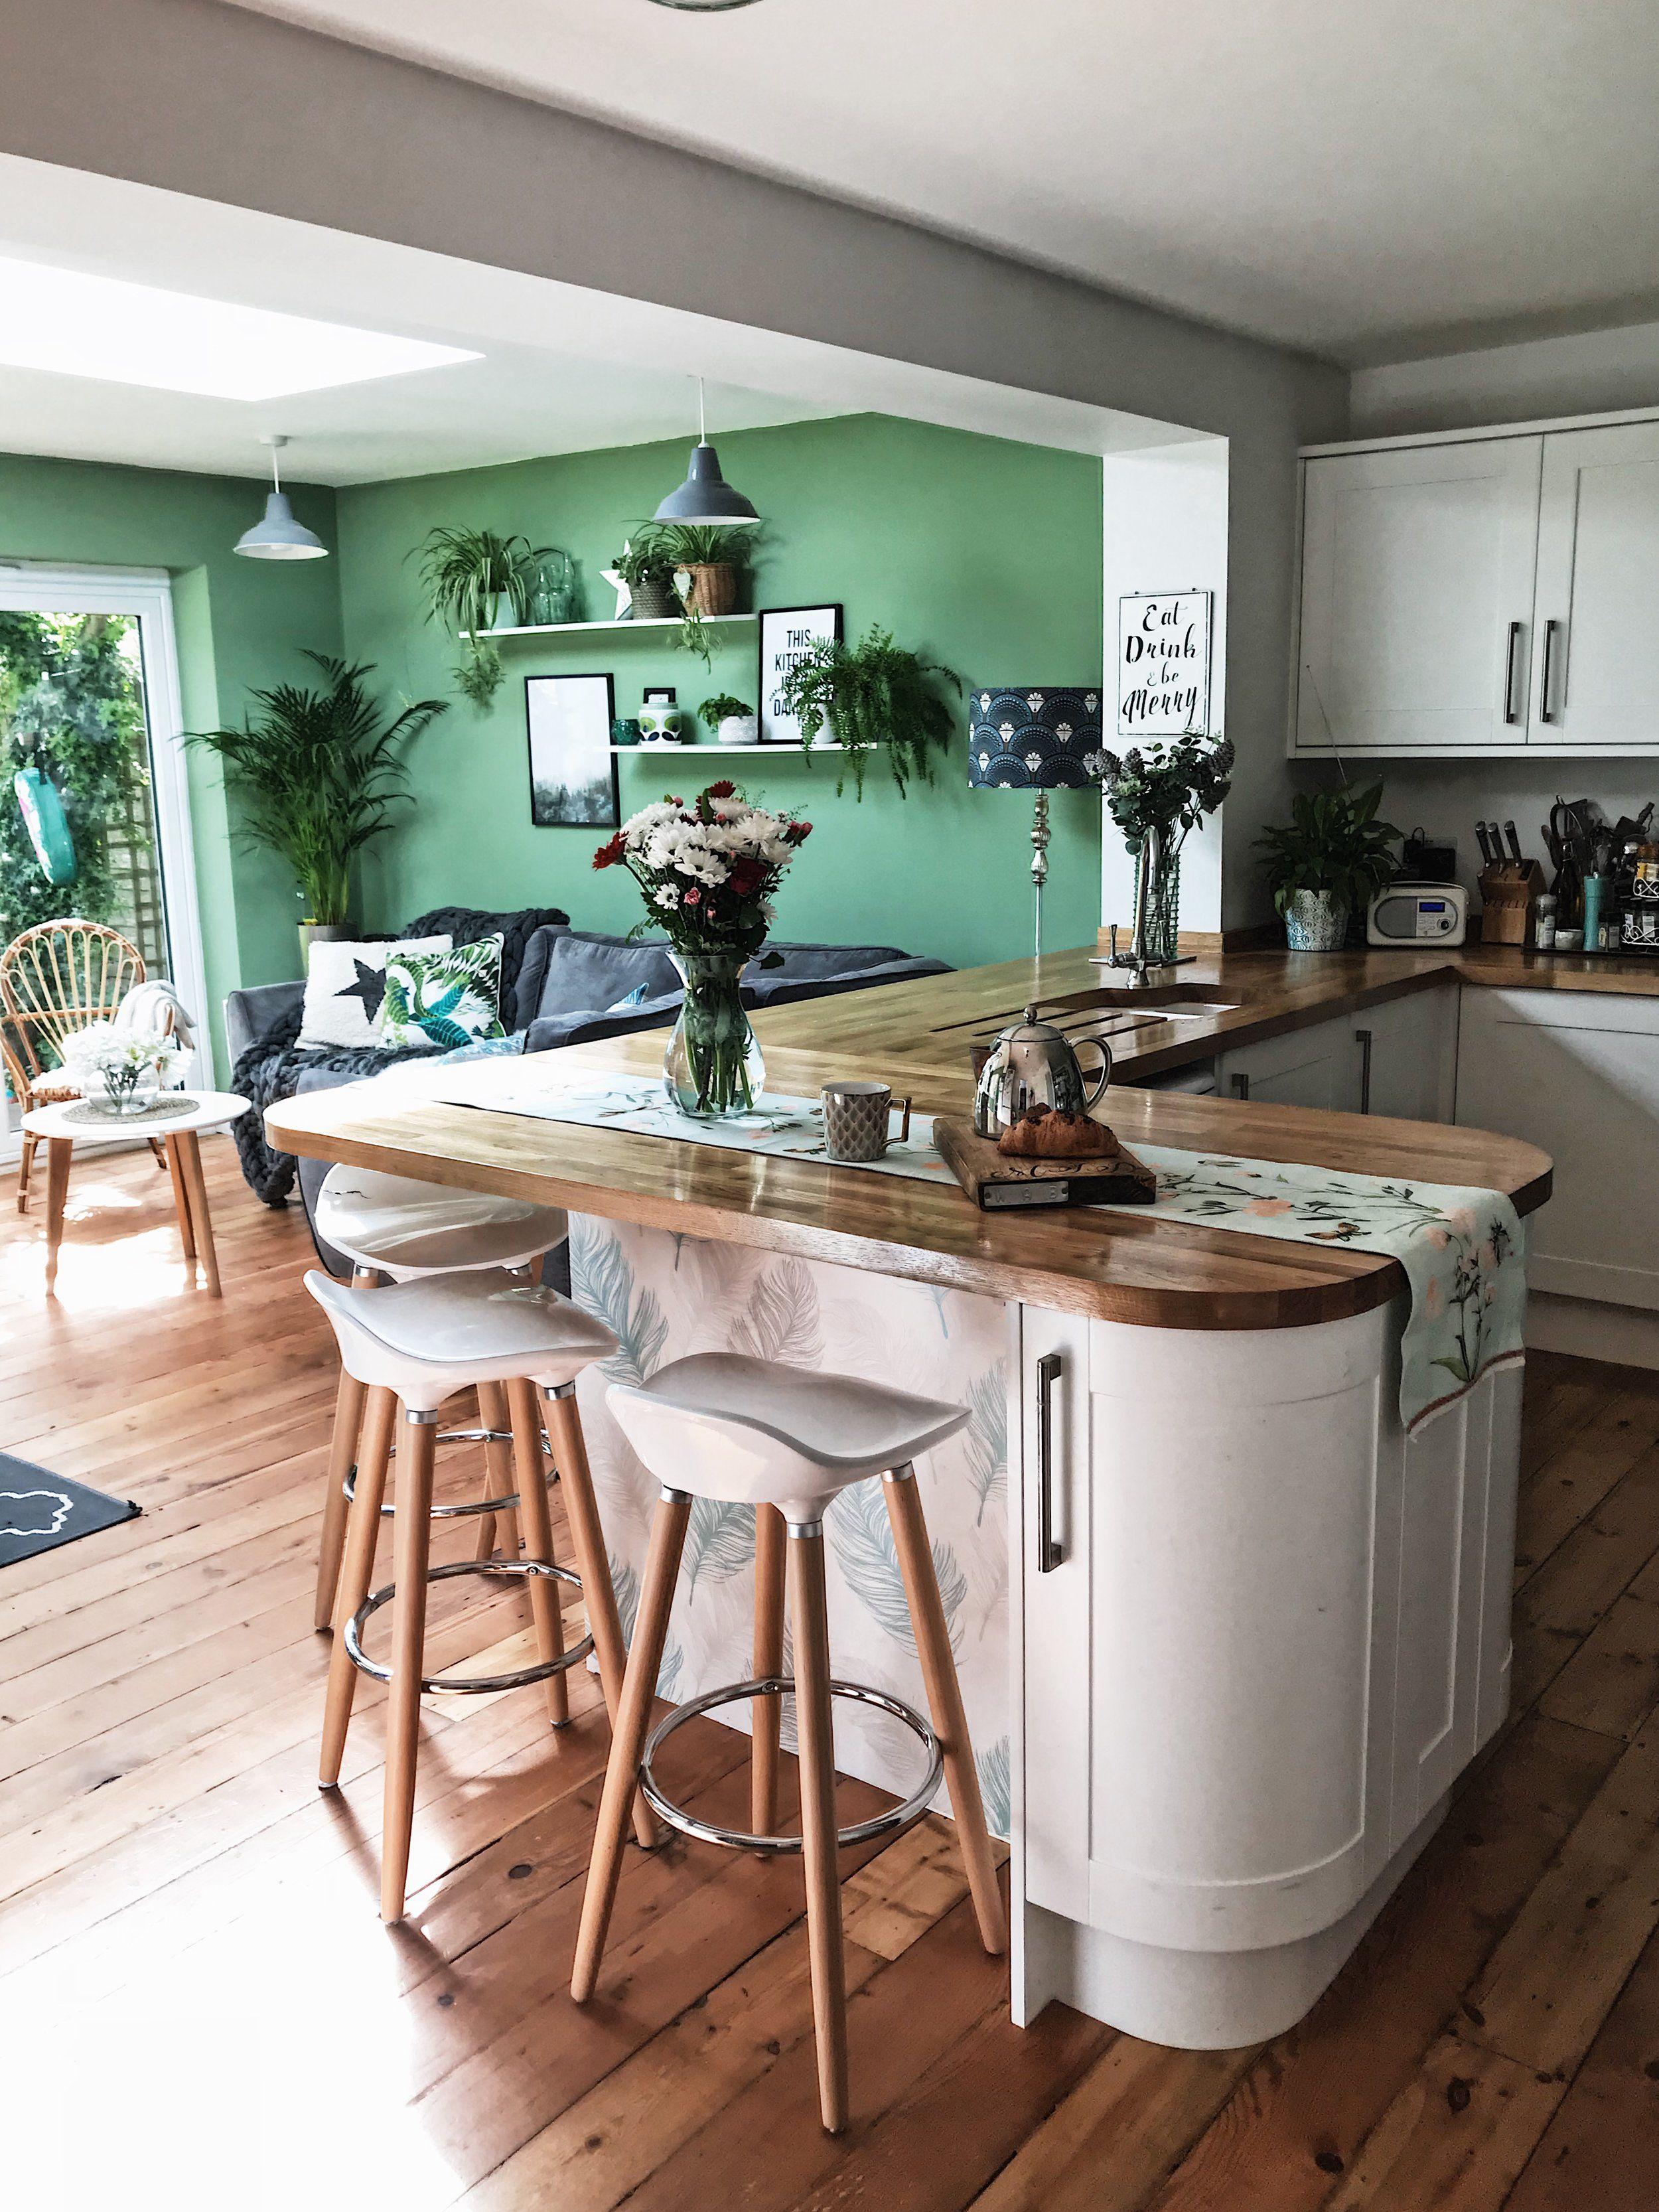 My Kitchen Renovation - Melanie Jade Design